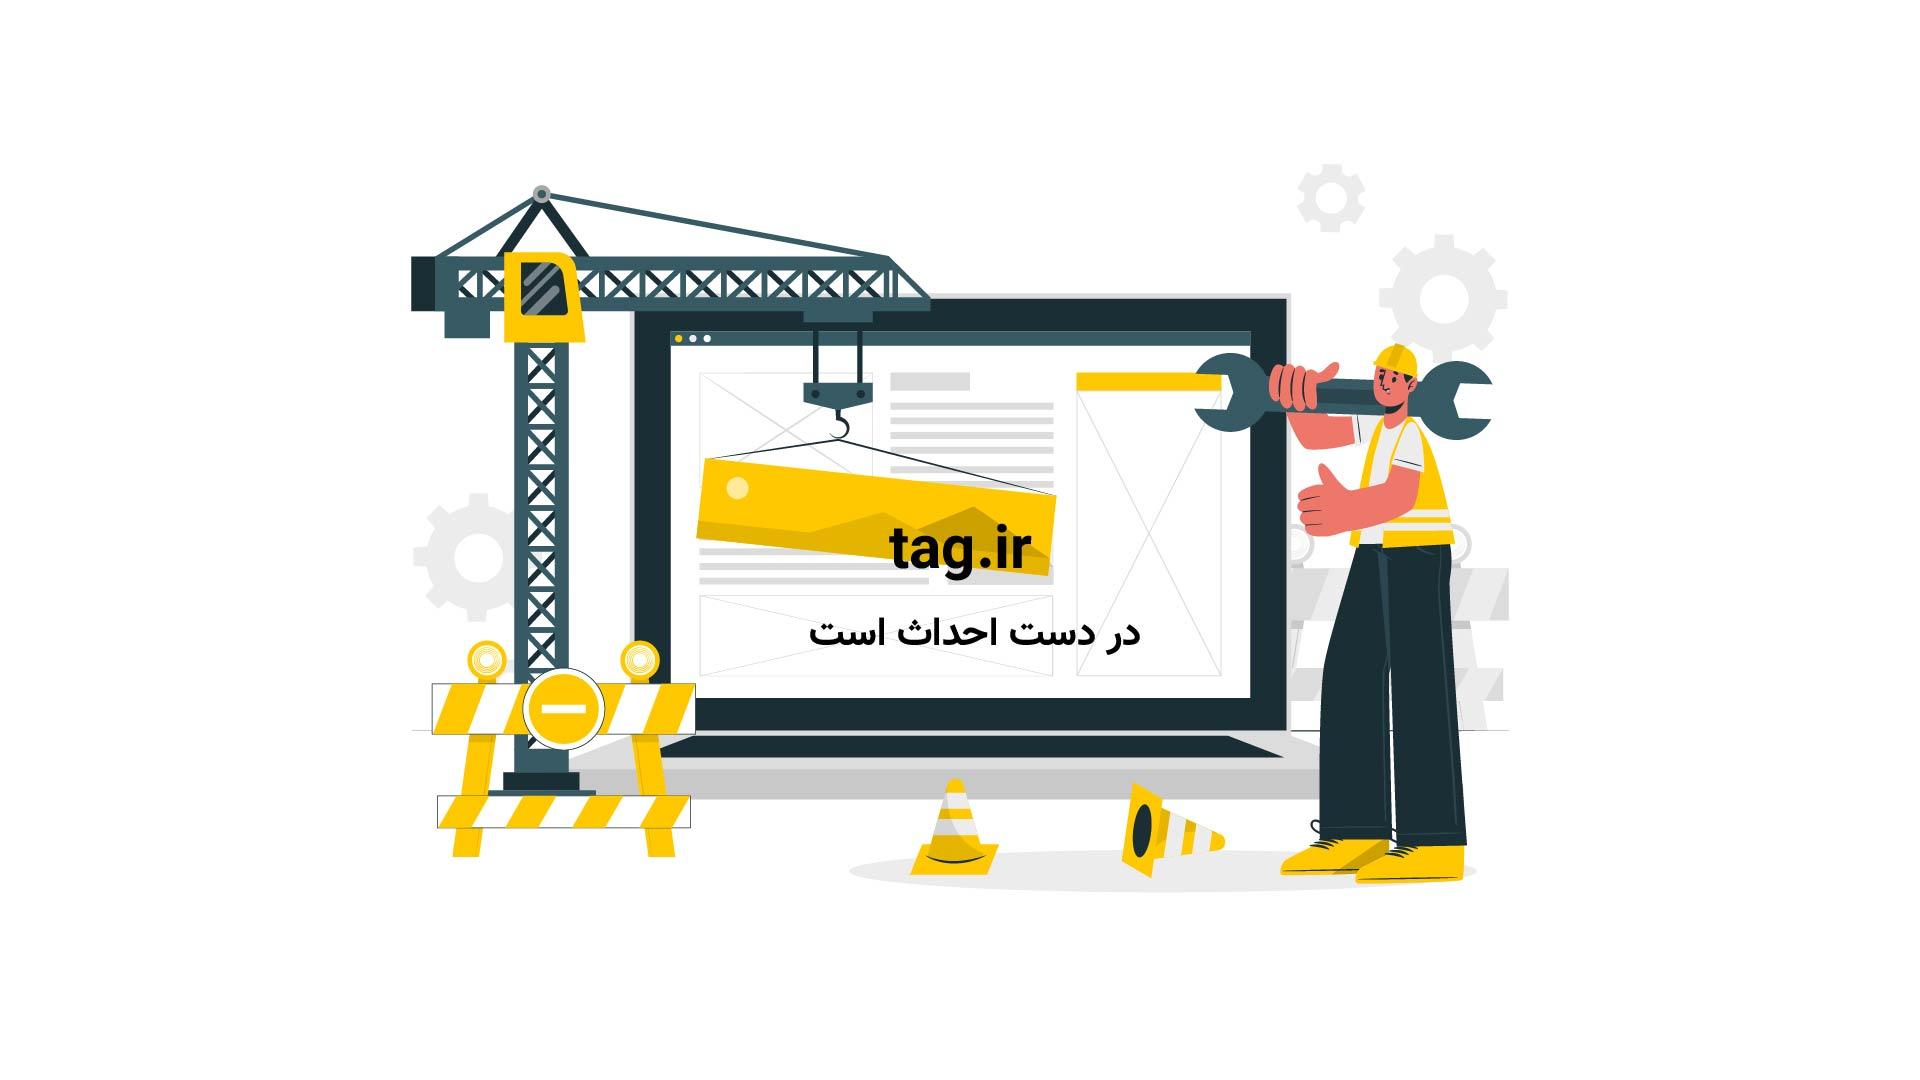 آموزش ساخت دستبند استارباکس با استفاده از خمیر گل چینی | فیلم